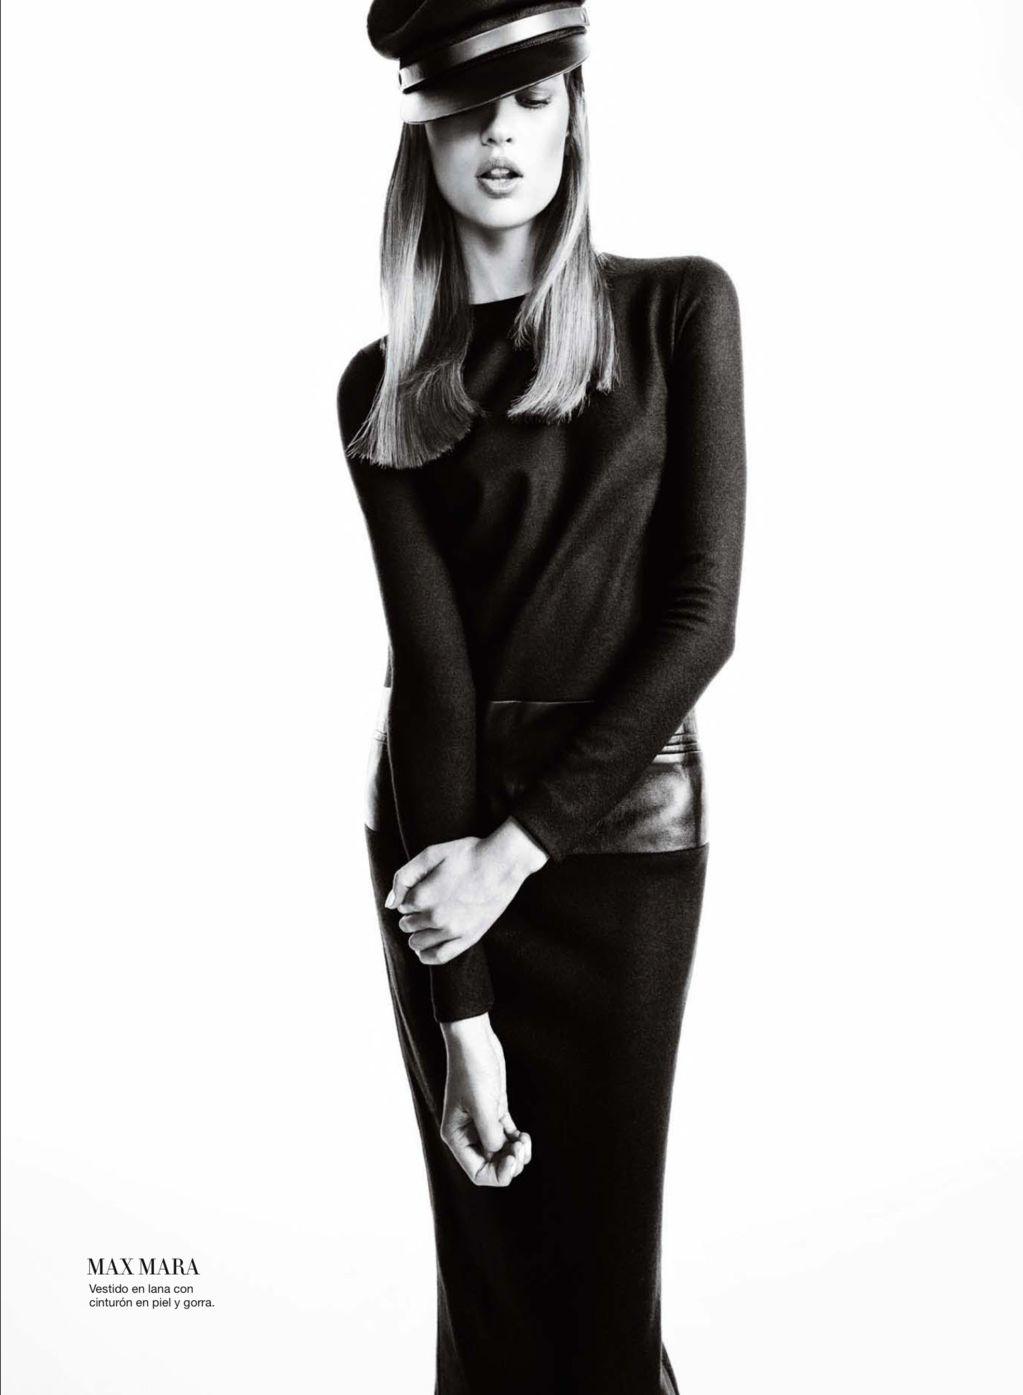 Bette Franke Goes to the Dark Side for Harper's Bazaar Spain October 2012